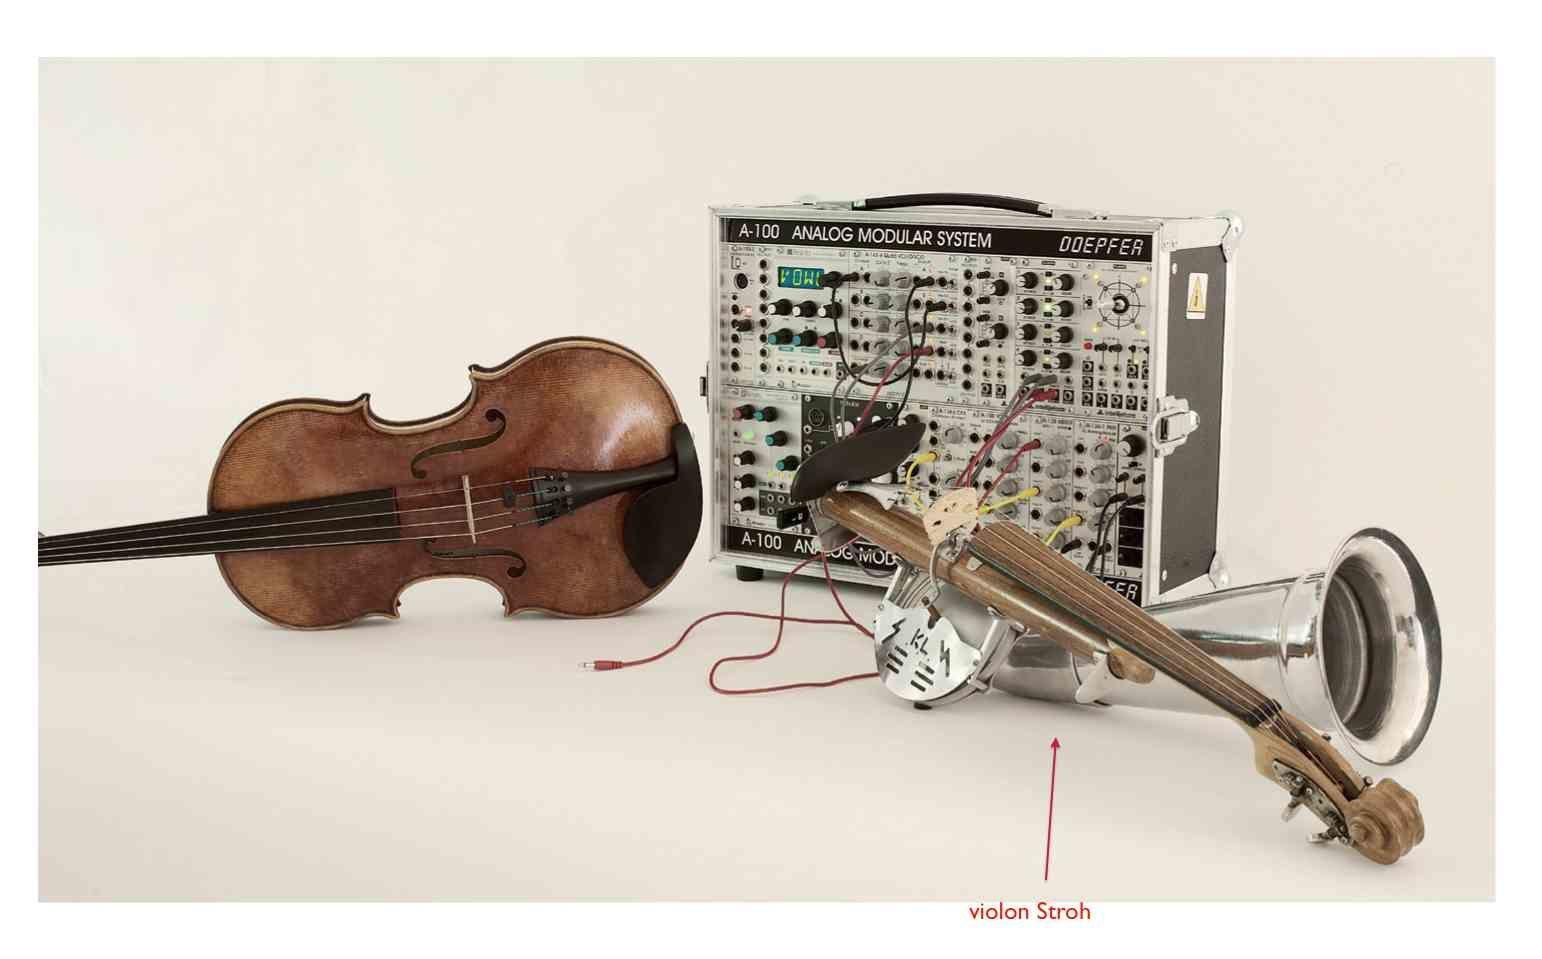 Alto, Doepfer A-100 modulaire...et violon Stroh.